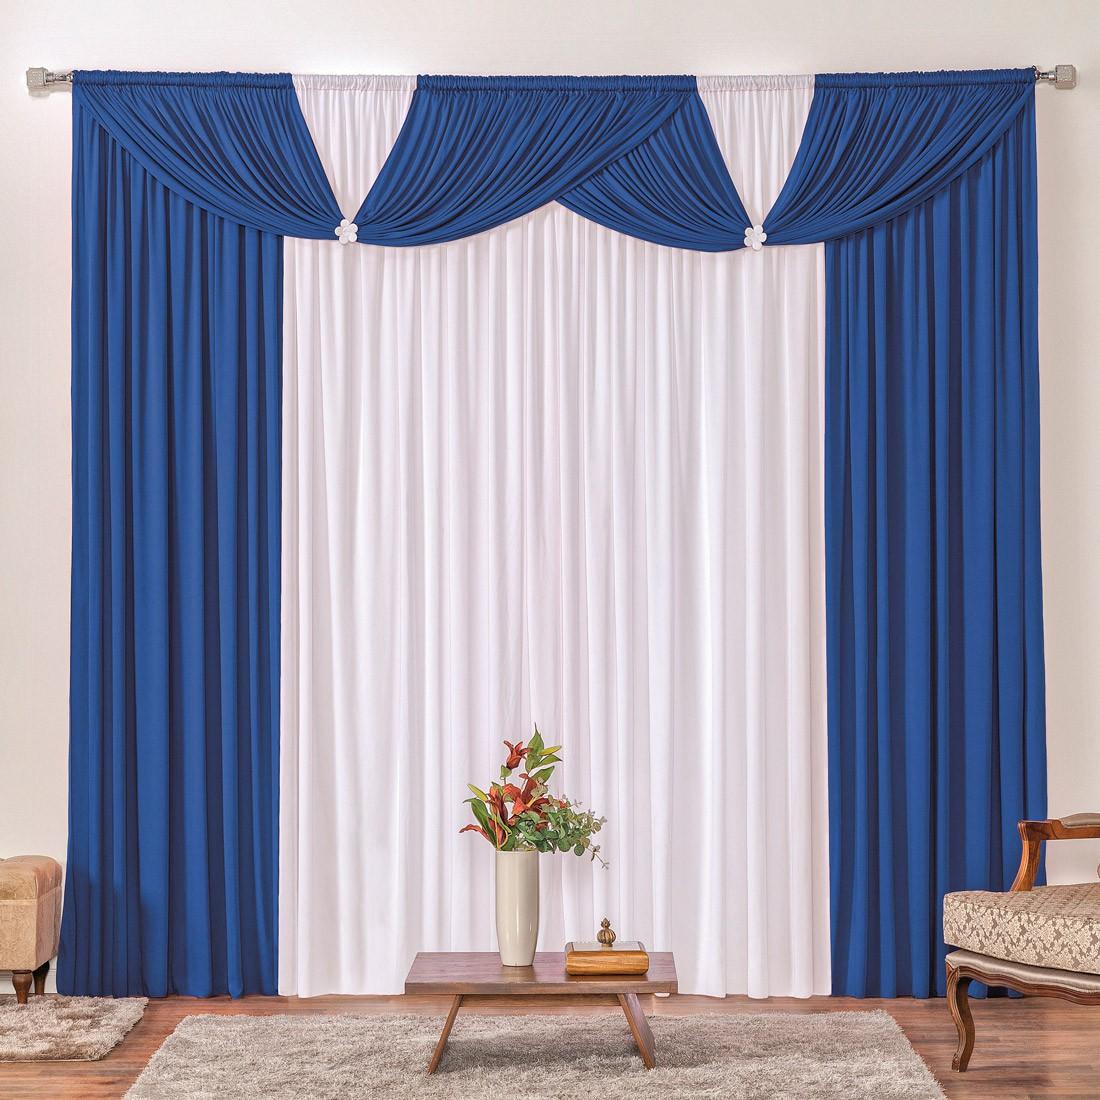 Cortina Londrina Azul/Branco 4,00m X 2,60m p/ Varão Simples